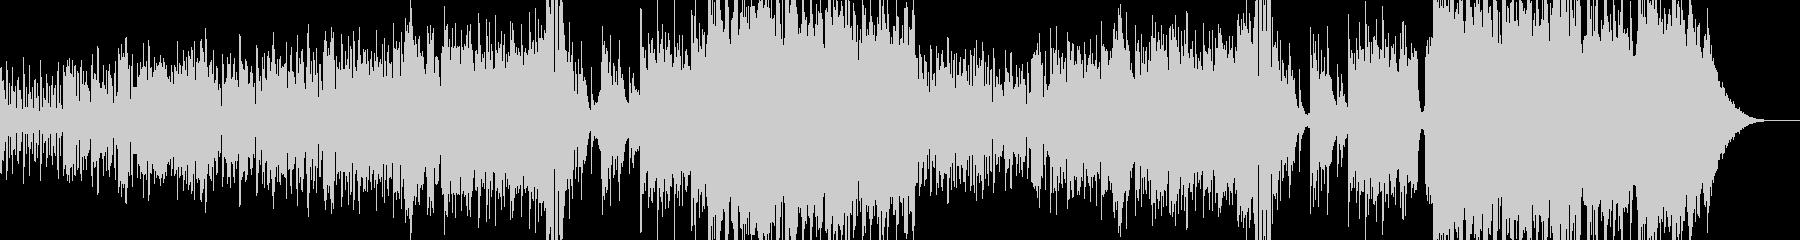 ハロウィンナイト・異世界風ワルツ Cの未再生の波形